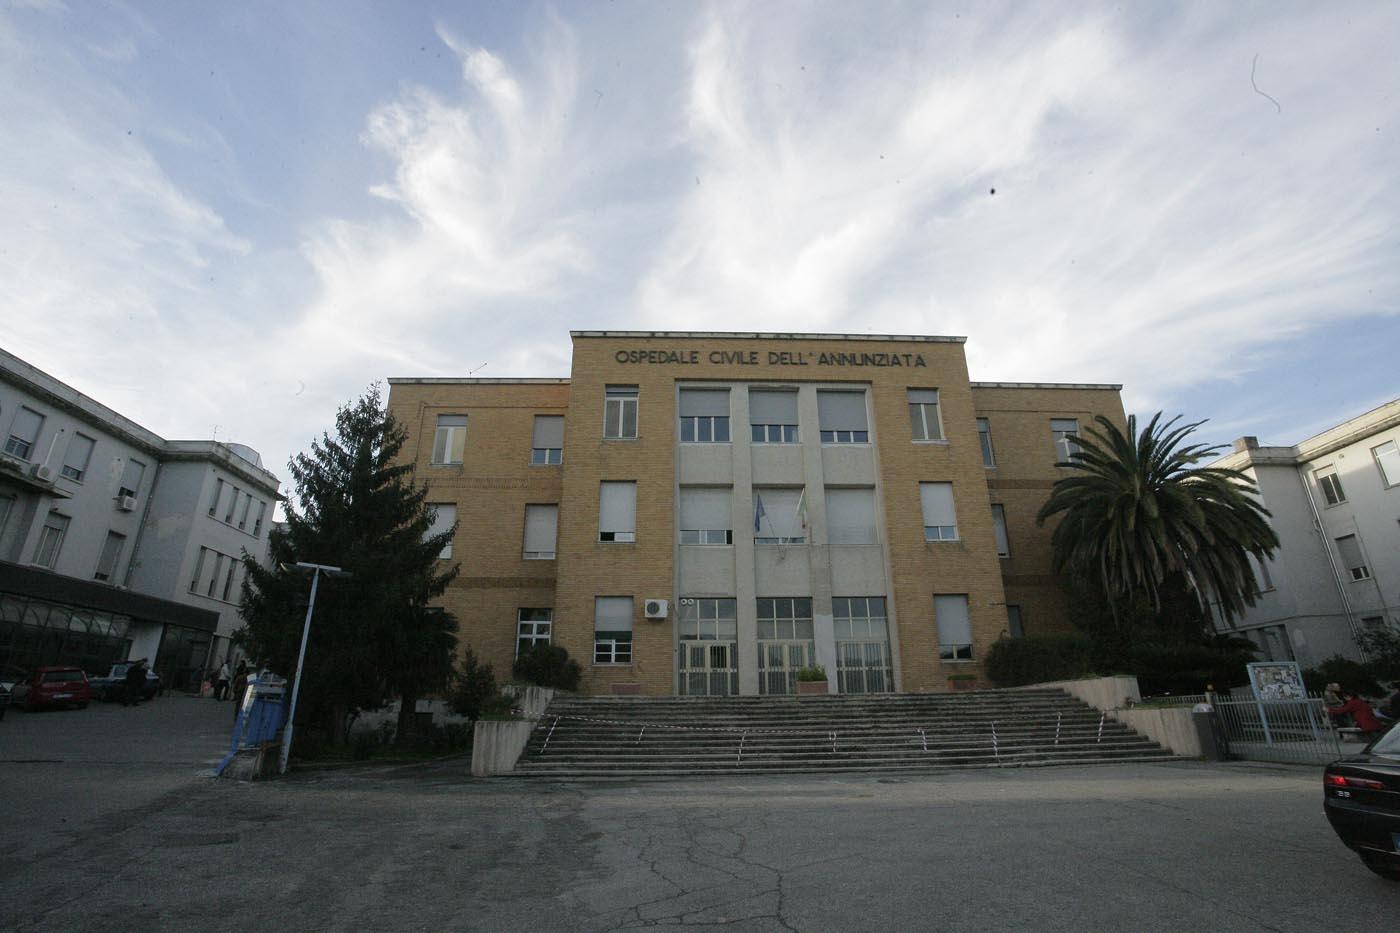 Cosenza, bimba morta dopo dimissioni dall'ospedaleLa famiglia chiede ulteriori indagini sulle responsabilità